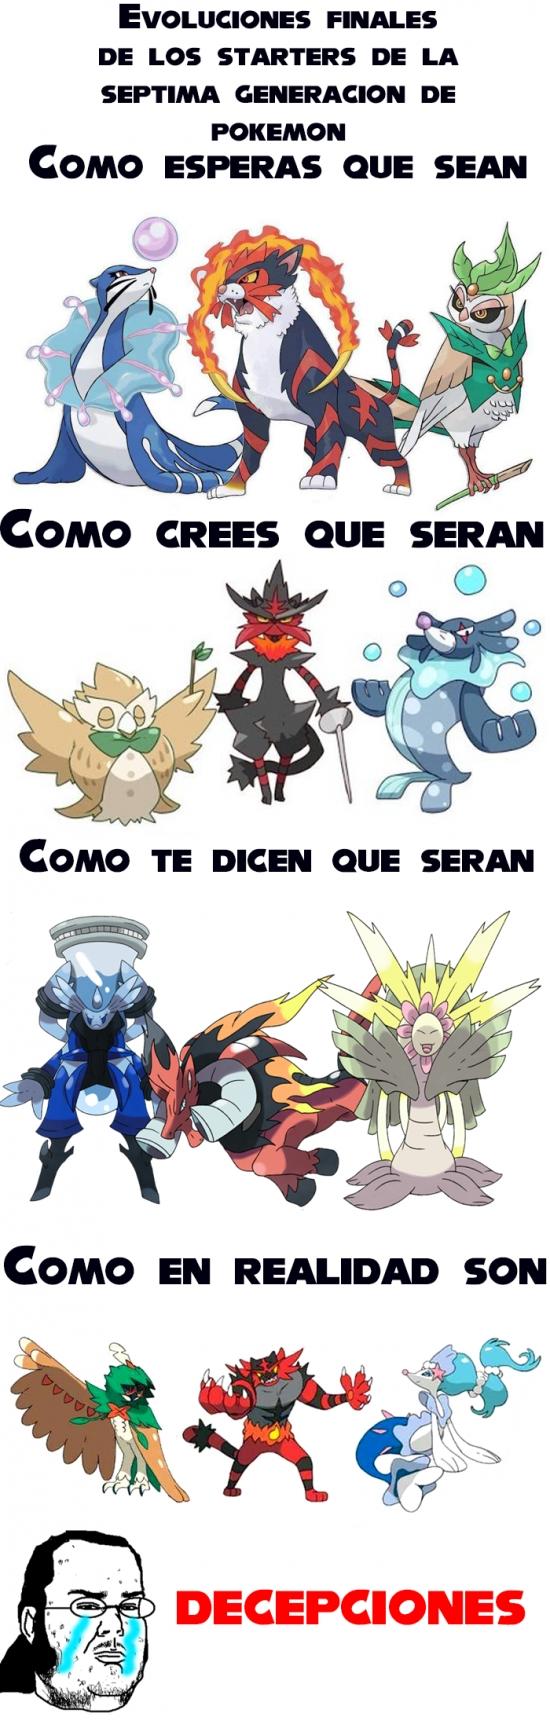 Friki - Starters de la nueva generación de Pokémon...